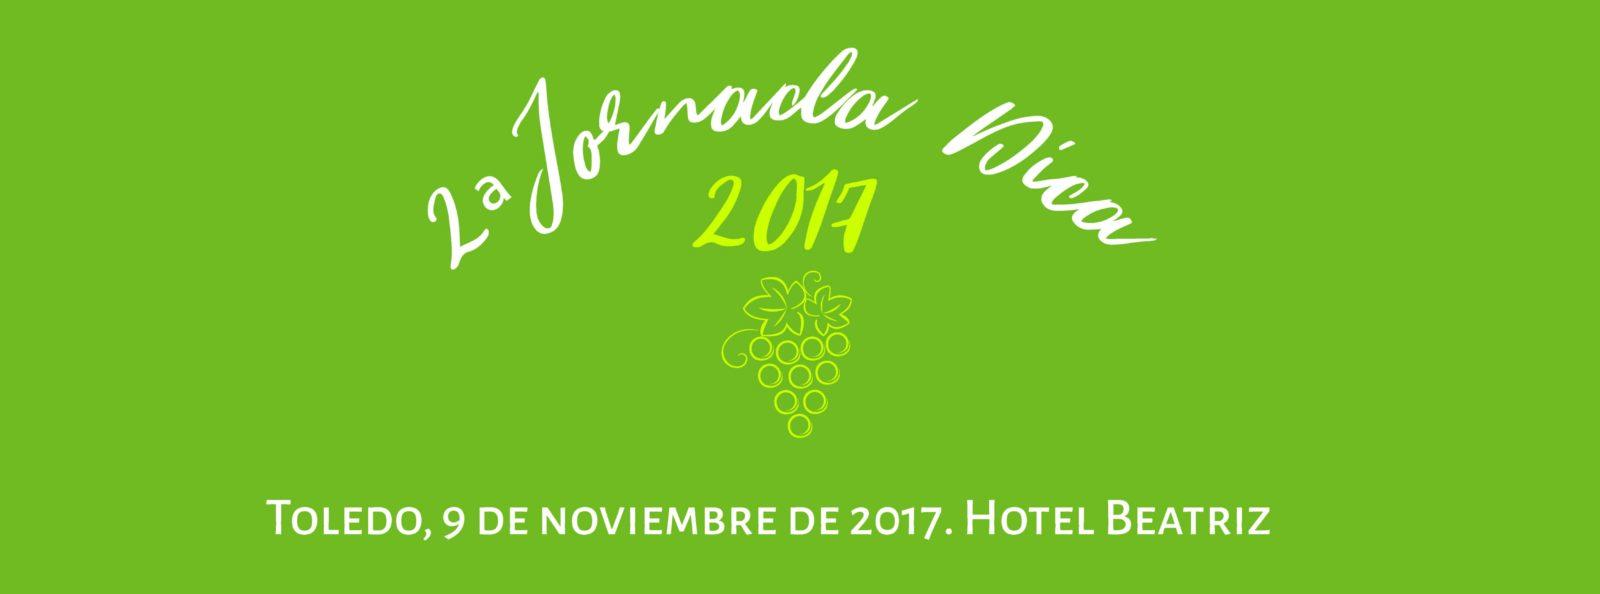 Emgrisa patrocina la 2ª Jornada Tecnológica del sector cooperativo agrario de Castilla La Mancha